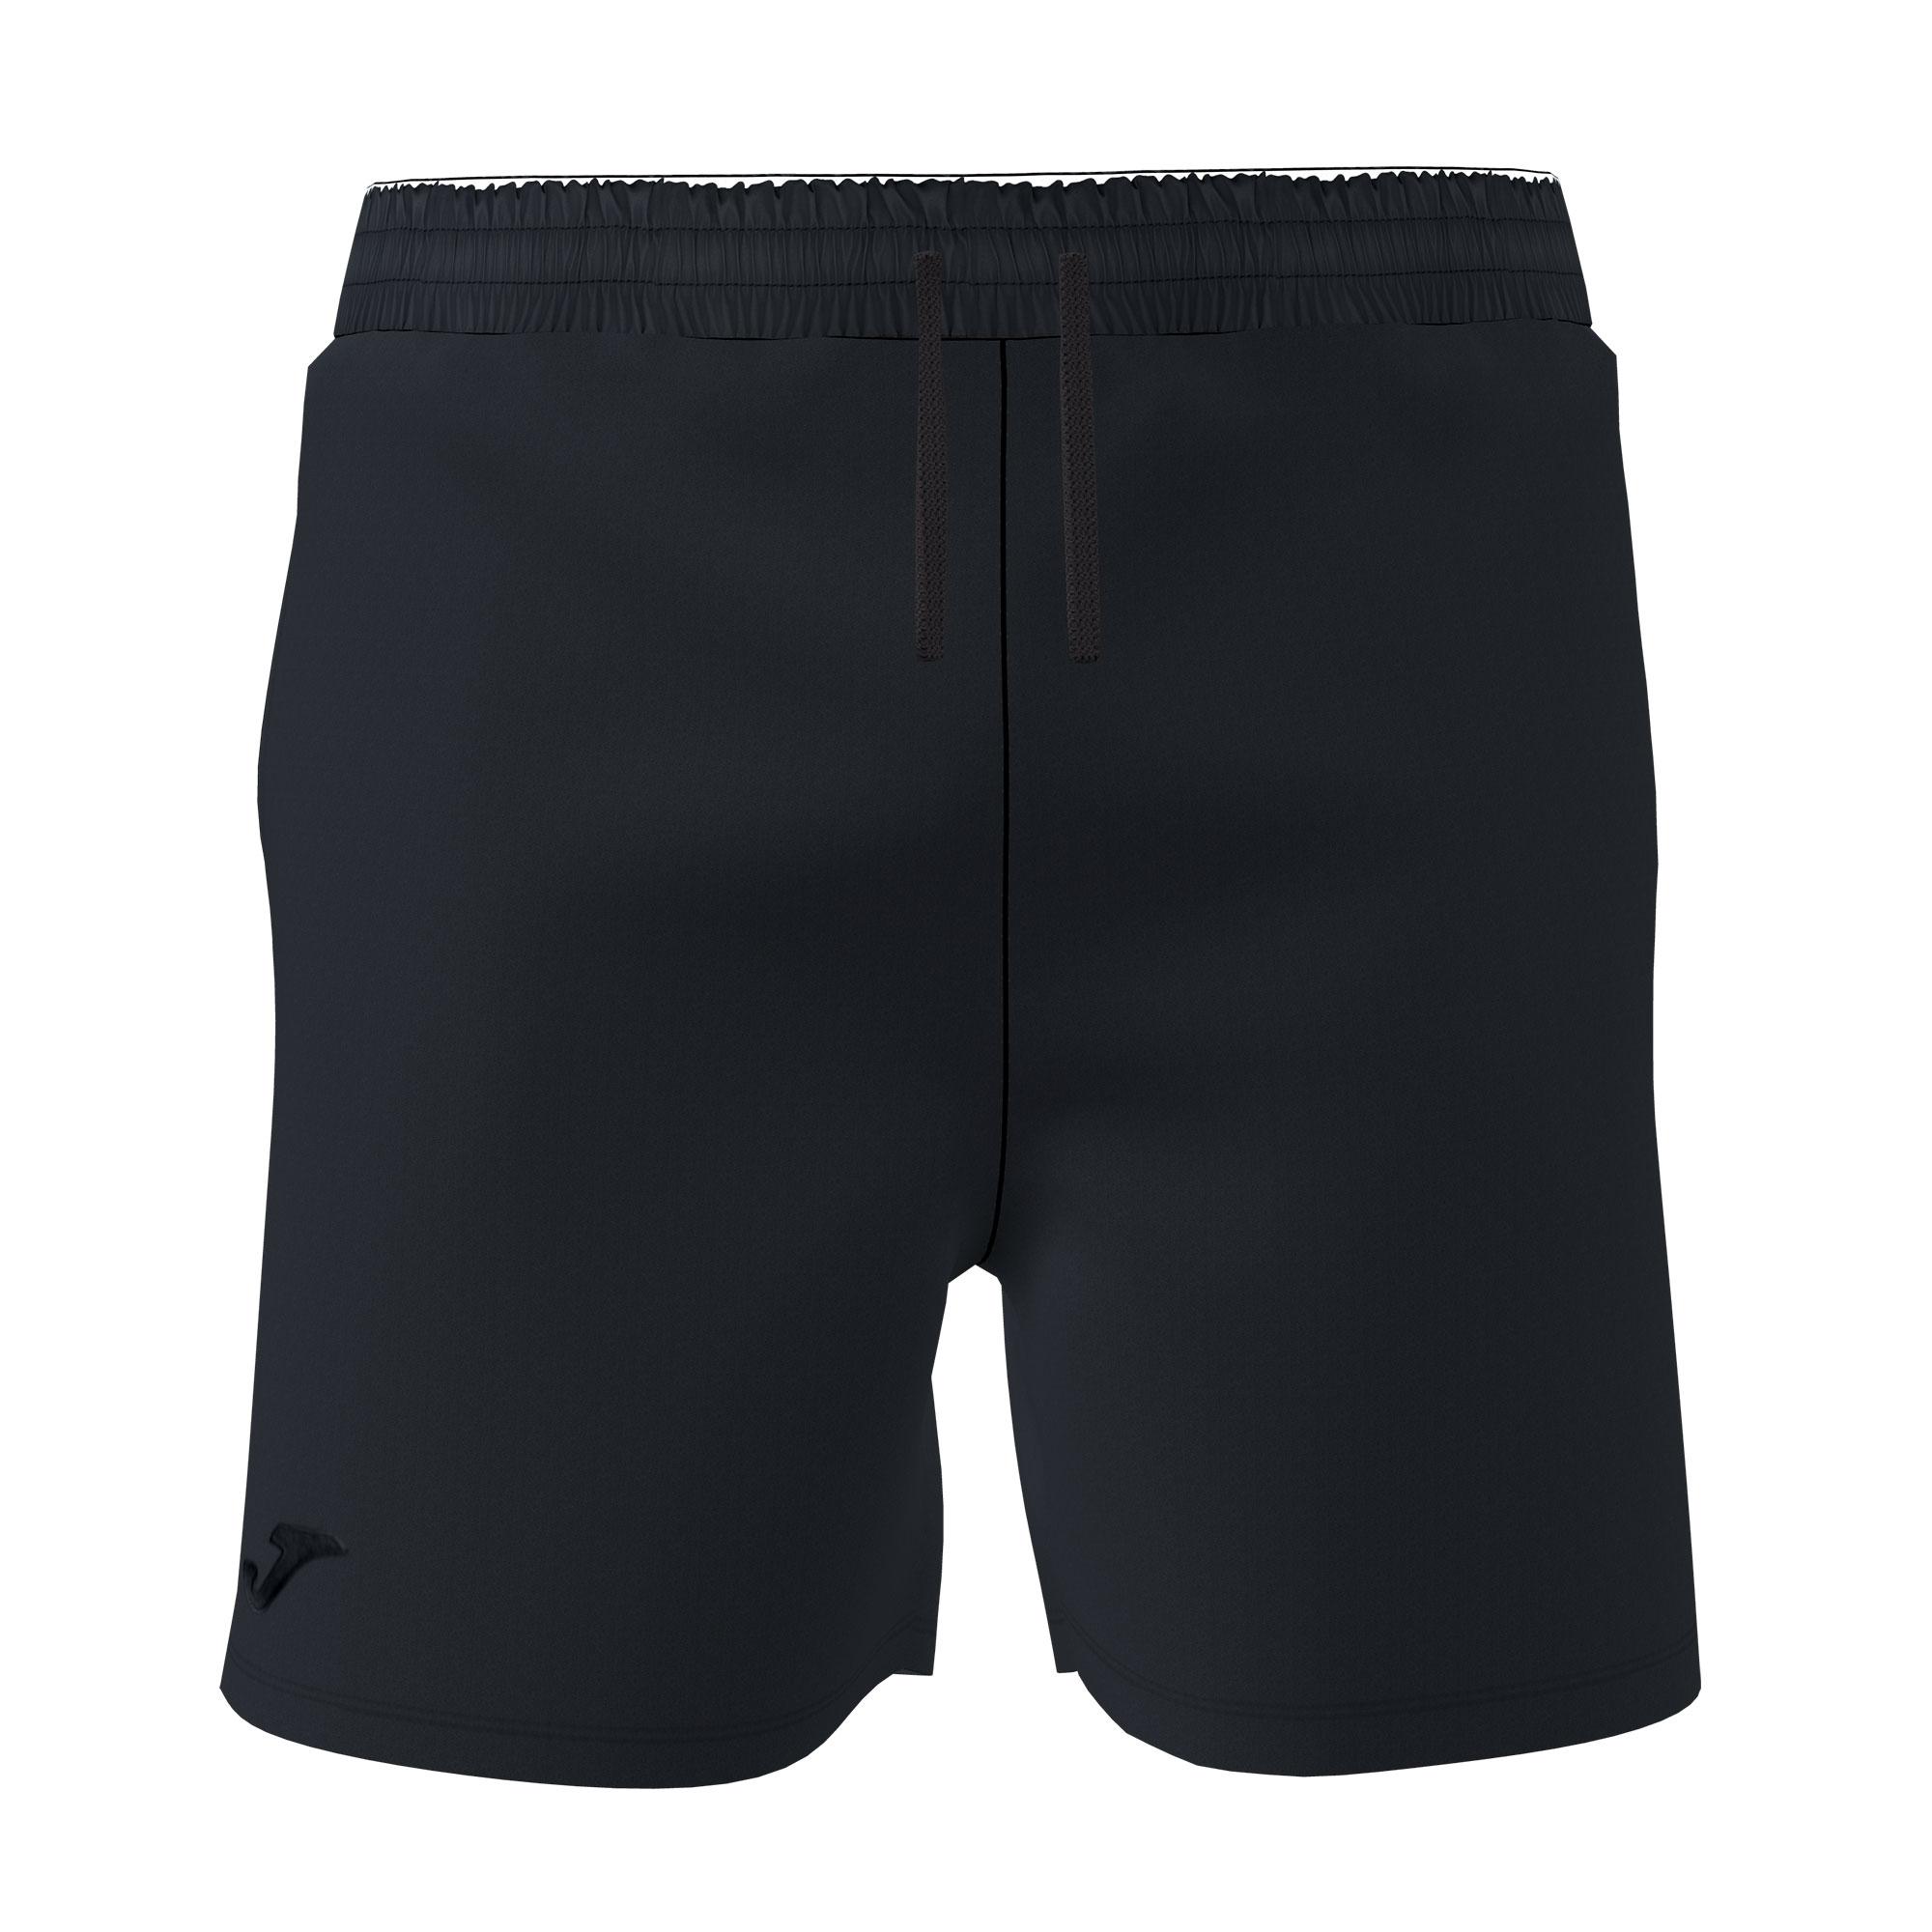 Joma Antilles Costume da Bagno Pantaloncini Nero mare piscina spiaggia nuoto